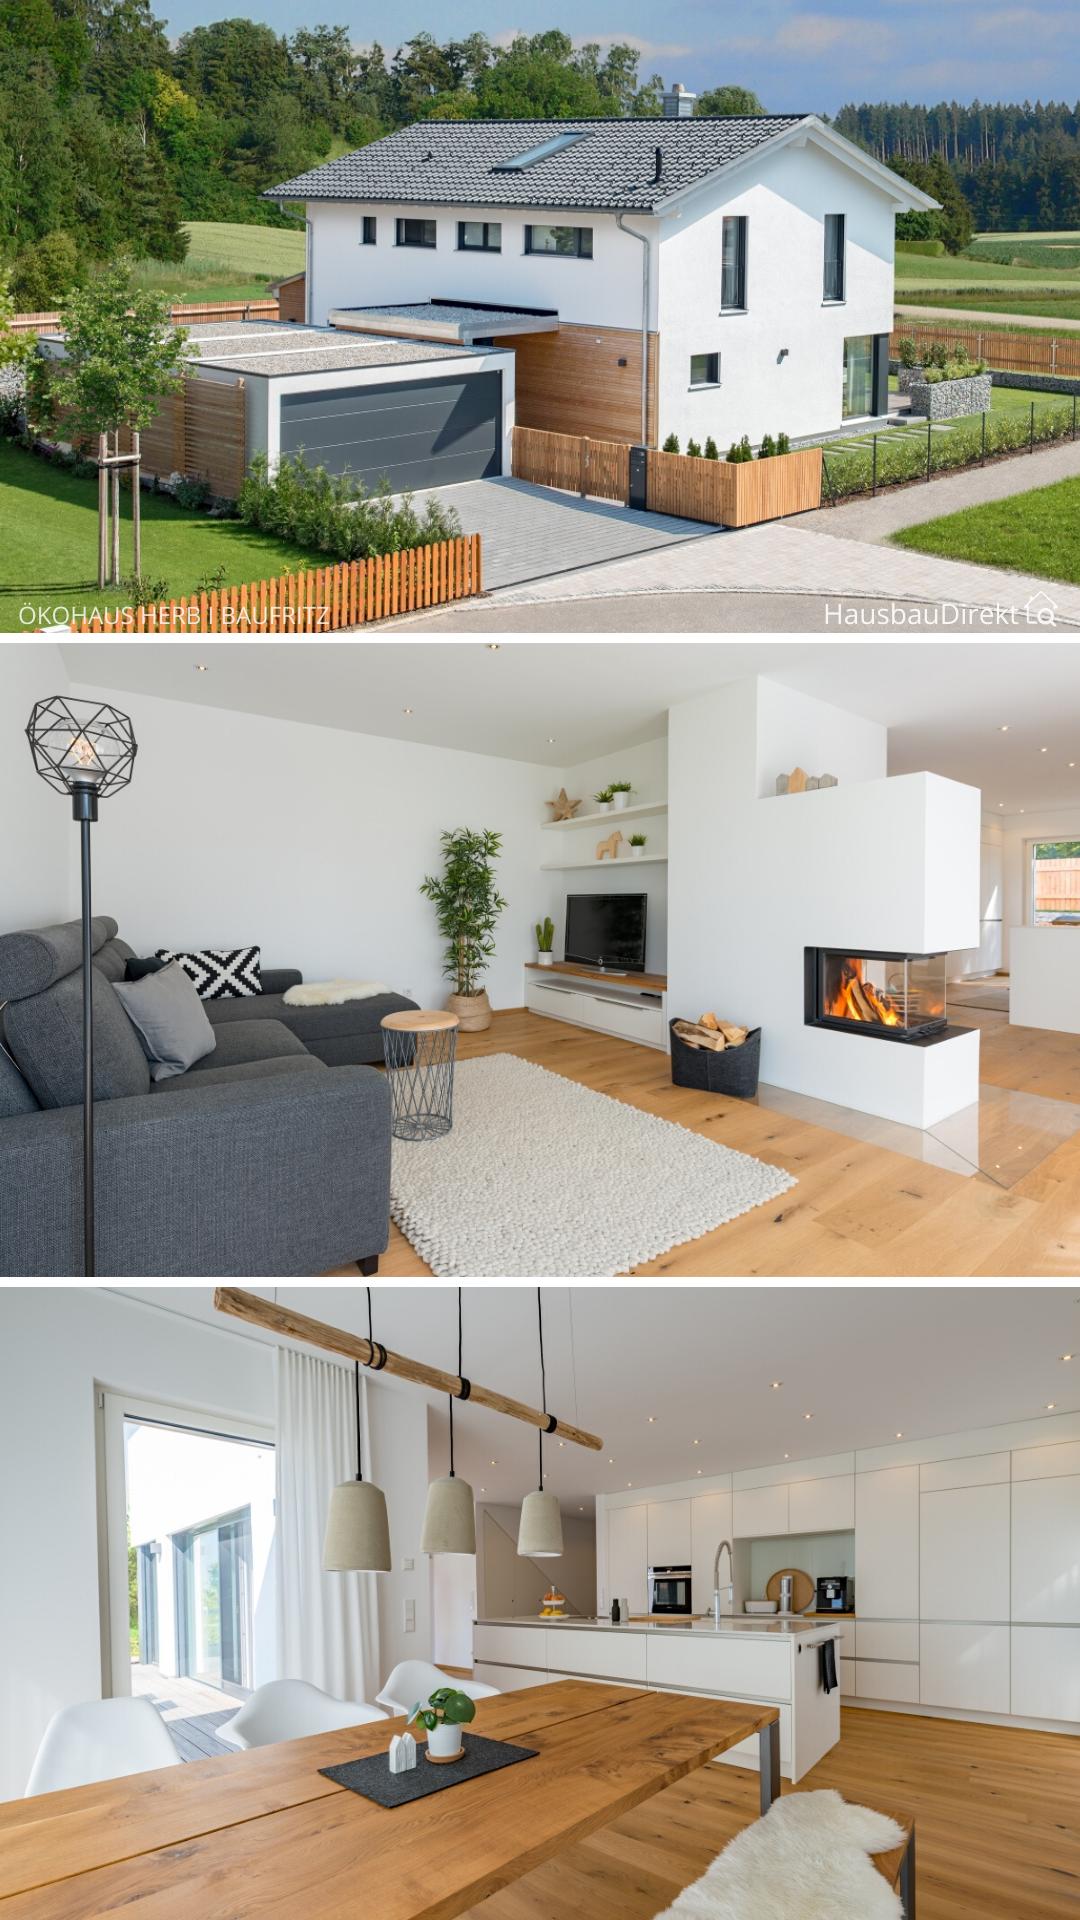 Einfamilienhaus modern mit Garage & Satteldach bauen, Haus Design Ideen innen aussen mit Kamin